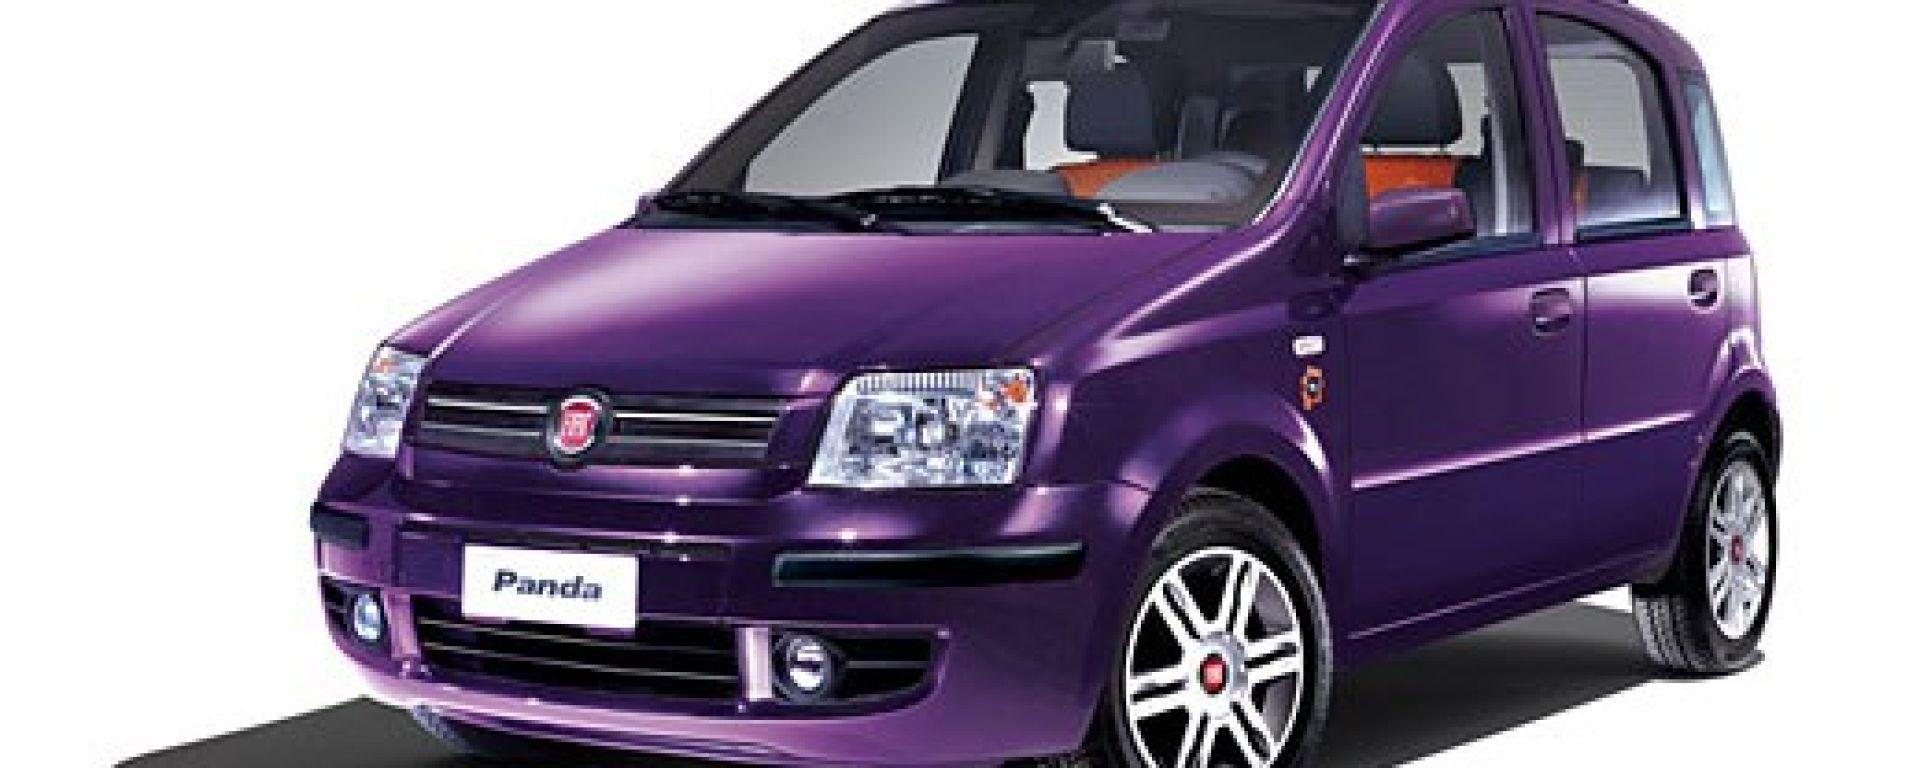 Fiat Panda Mamy